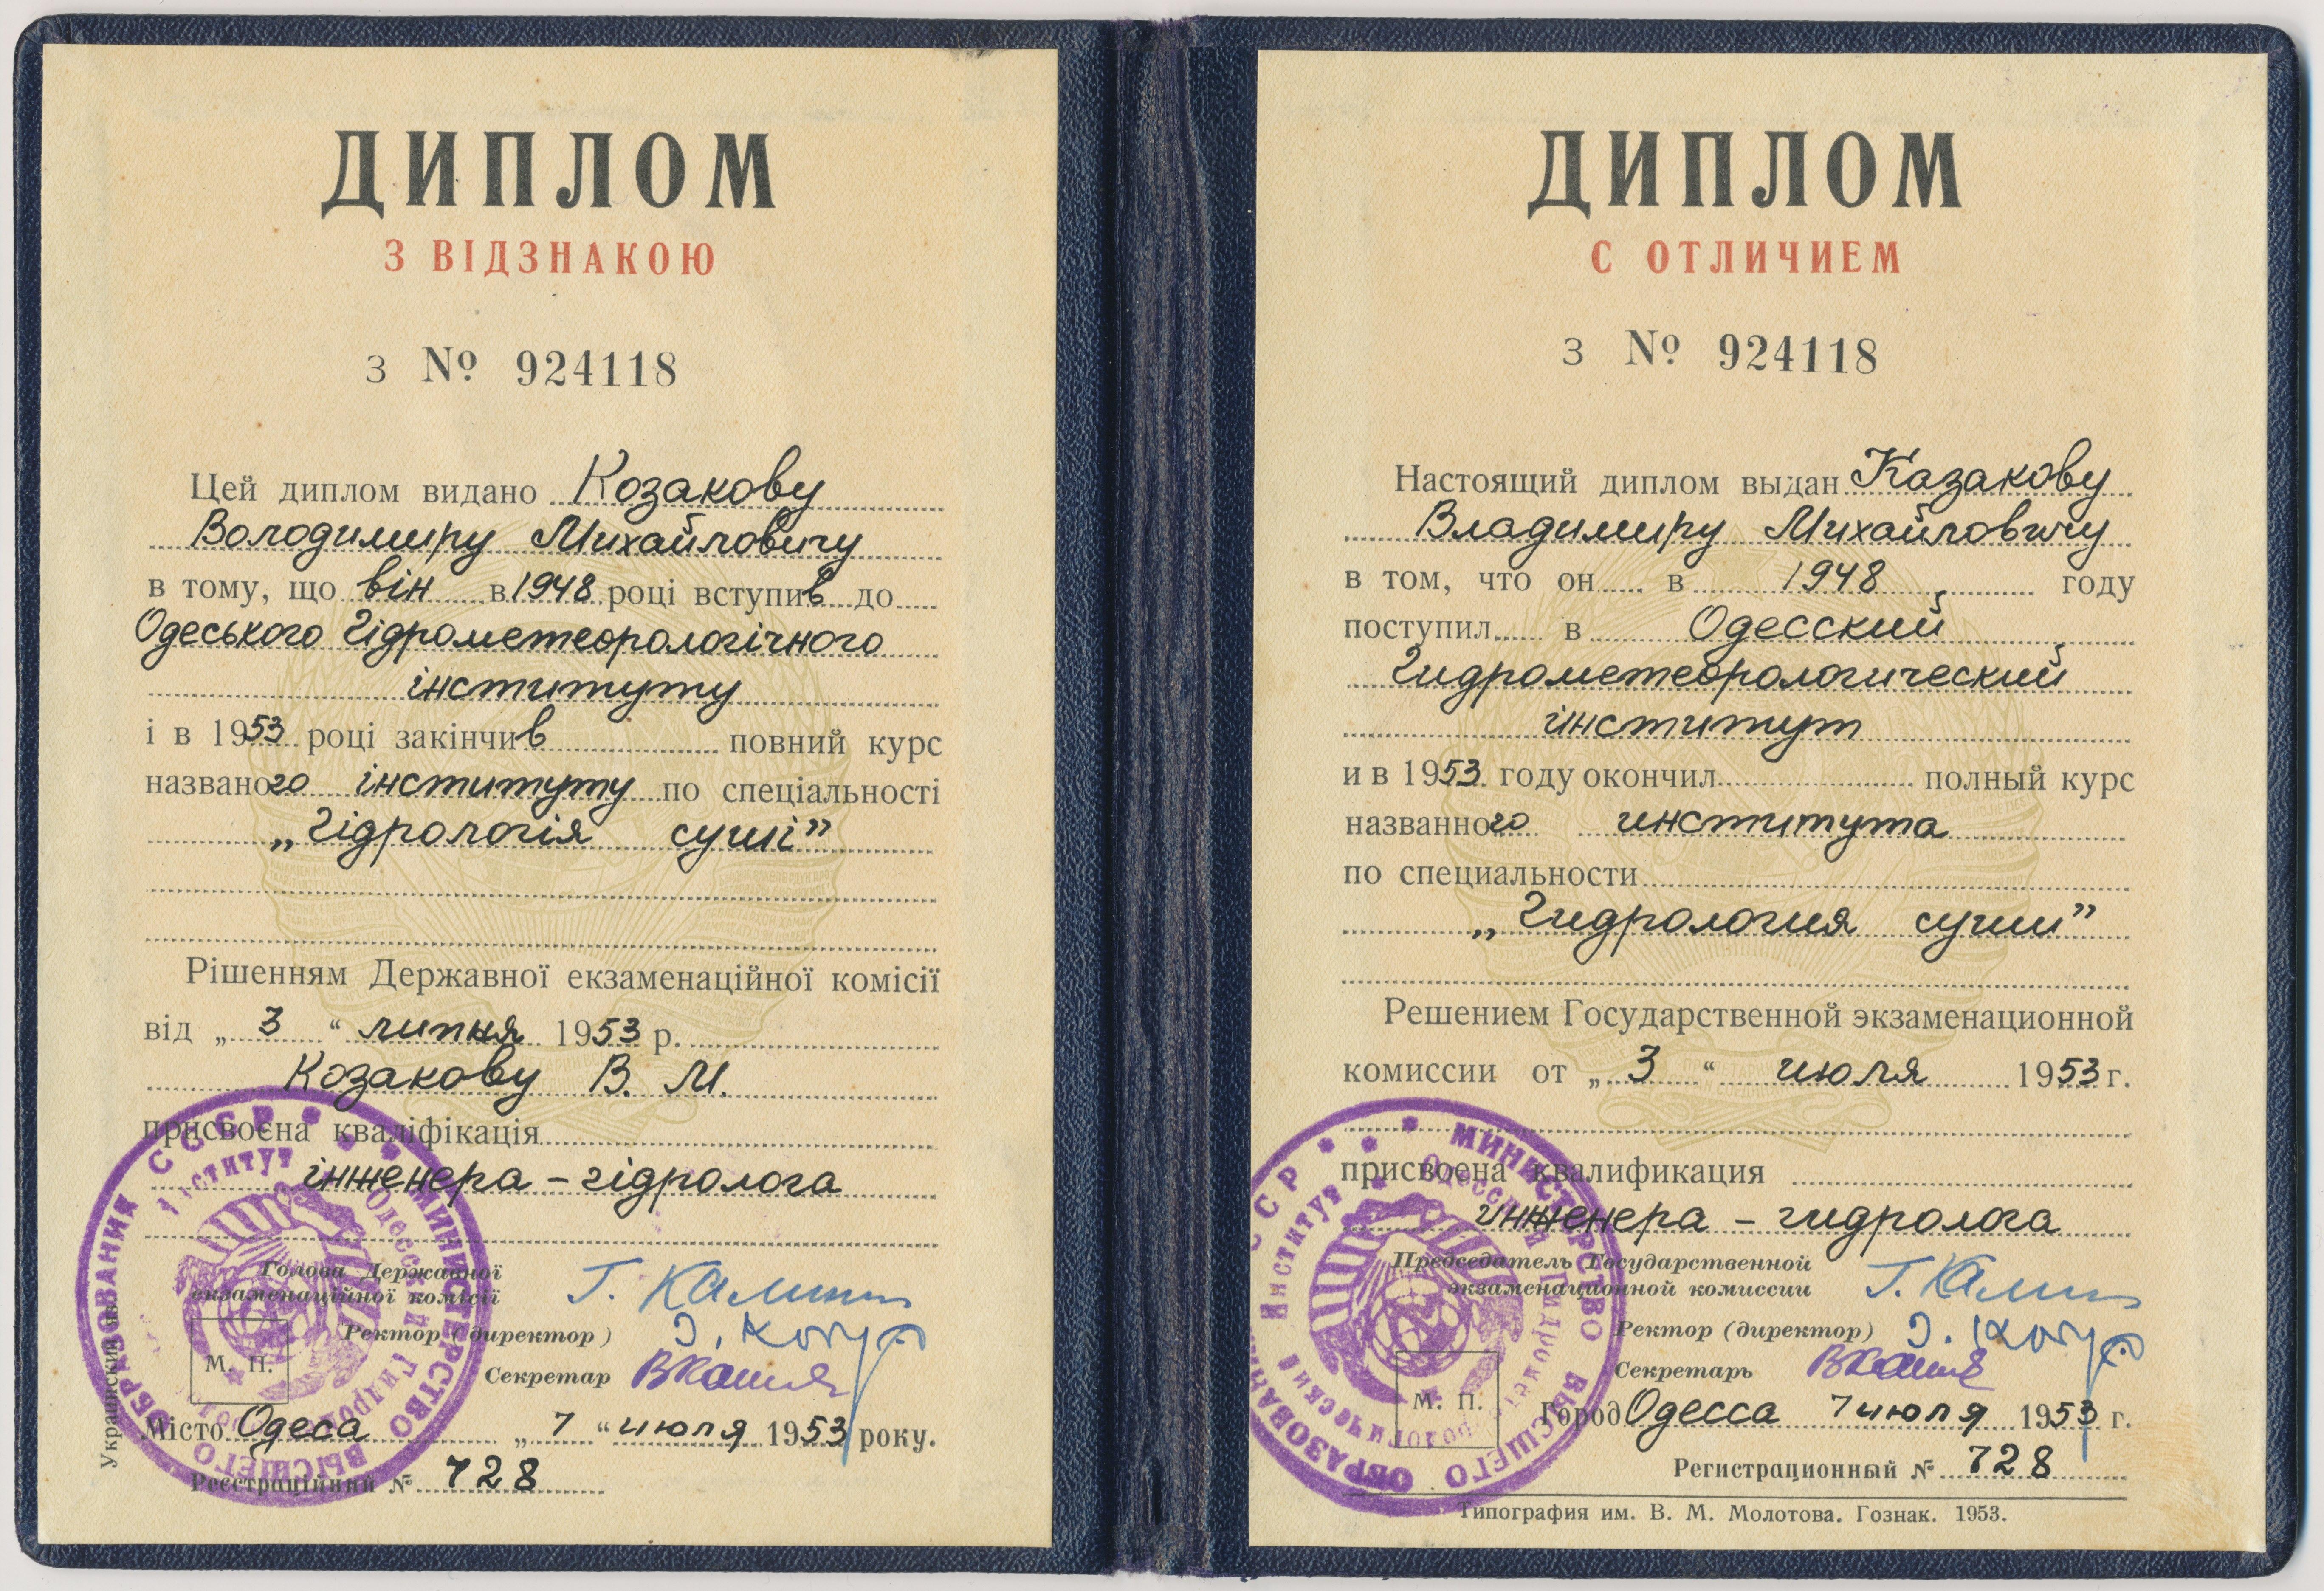 file Диплом с отличием образца г Одесского  file Диплом с отличием образца 1953 г Одесского гидрометеорологического института jpg